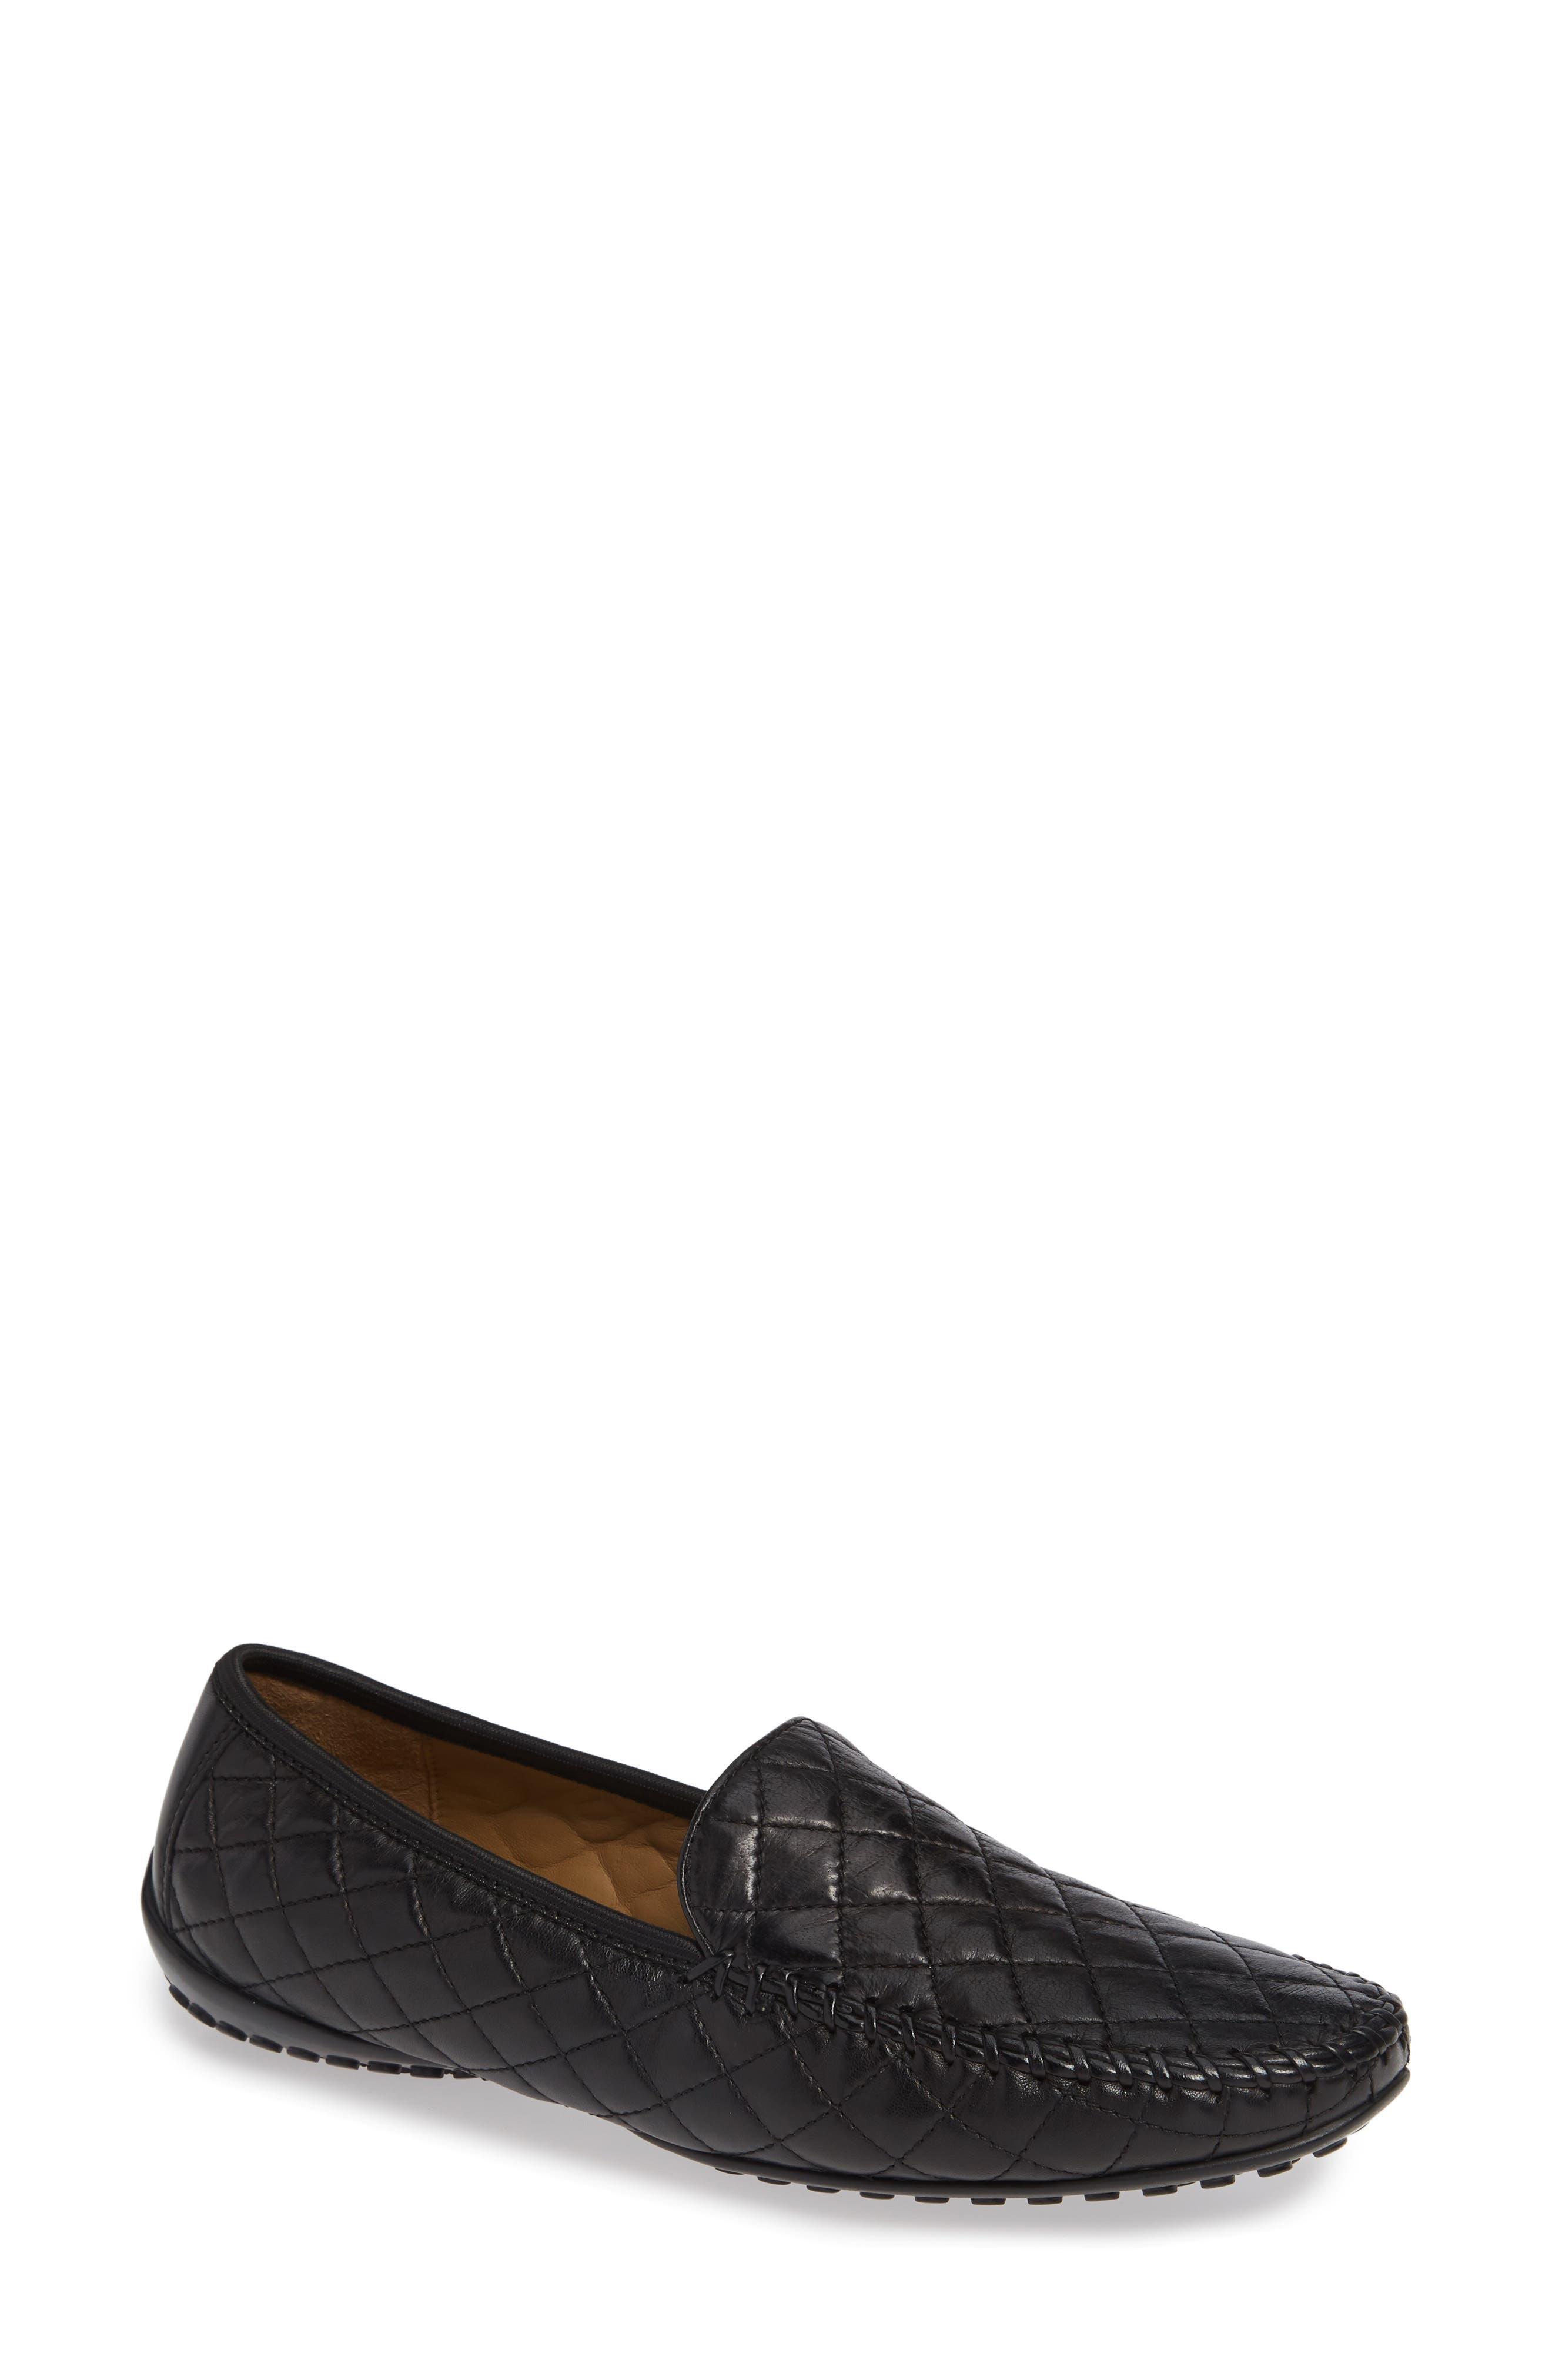 ROBERT ZUR 'Quana' Loafer, Main, color, BLACK